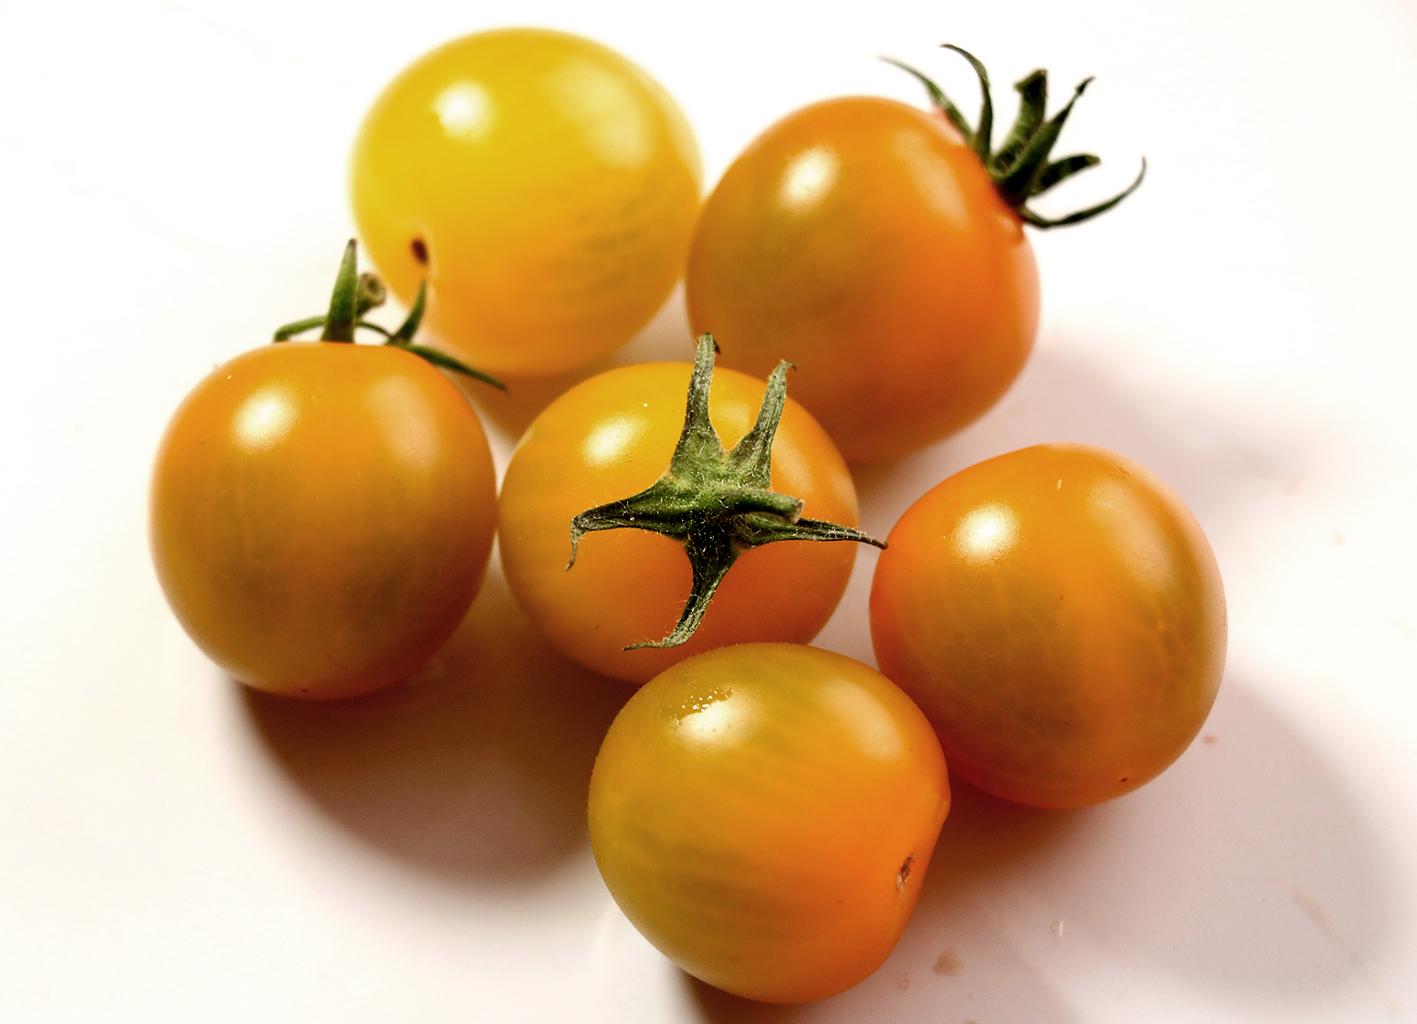 Kleine, goldgelbe Cherrytomaten der Bio-Sorte 'Goldiana' liegen nebeneinander